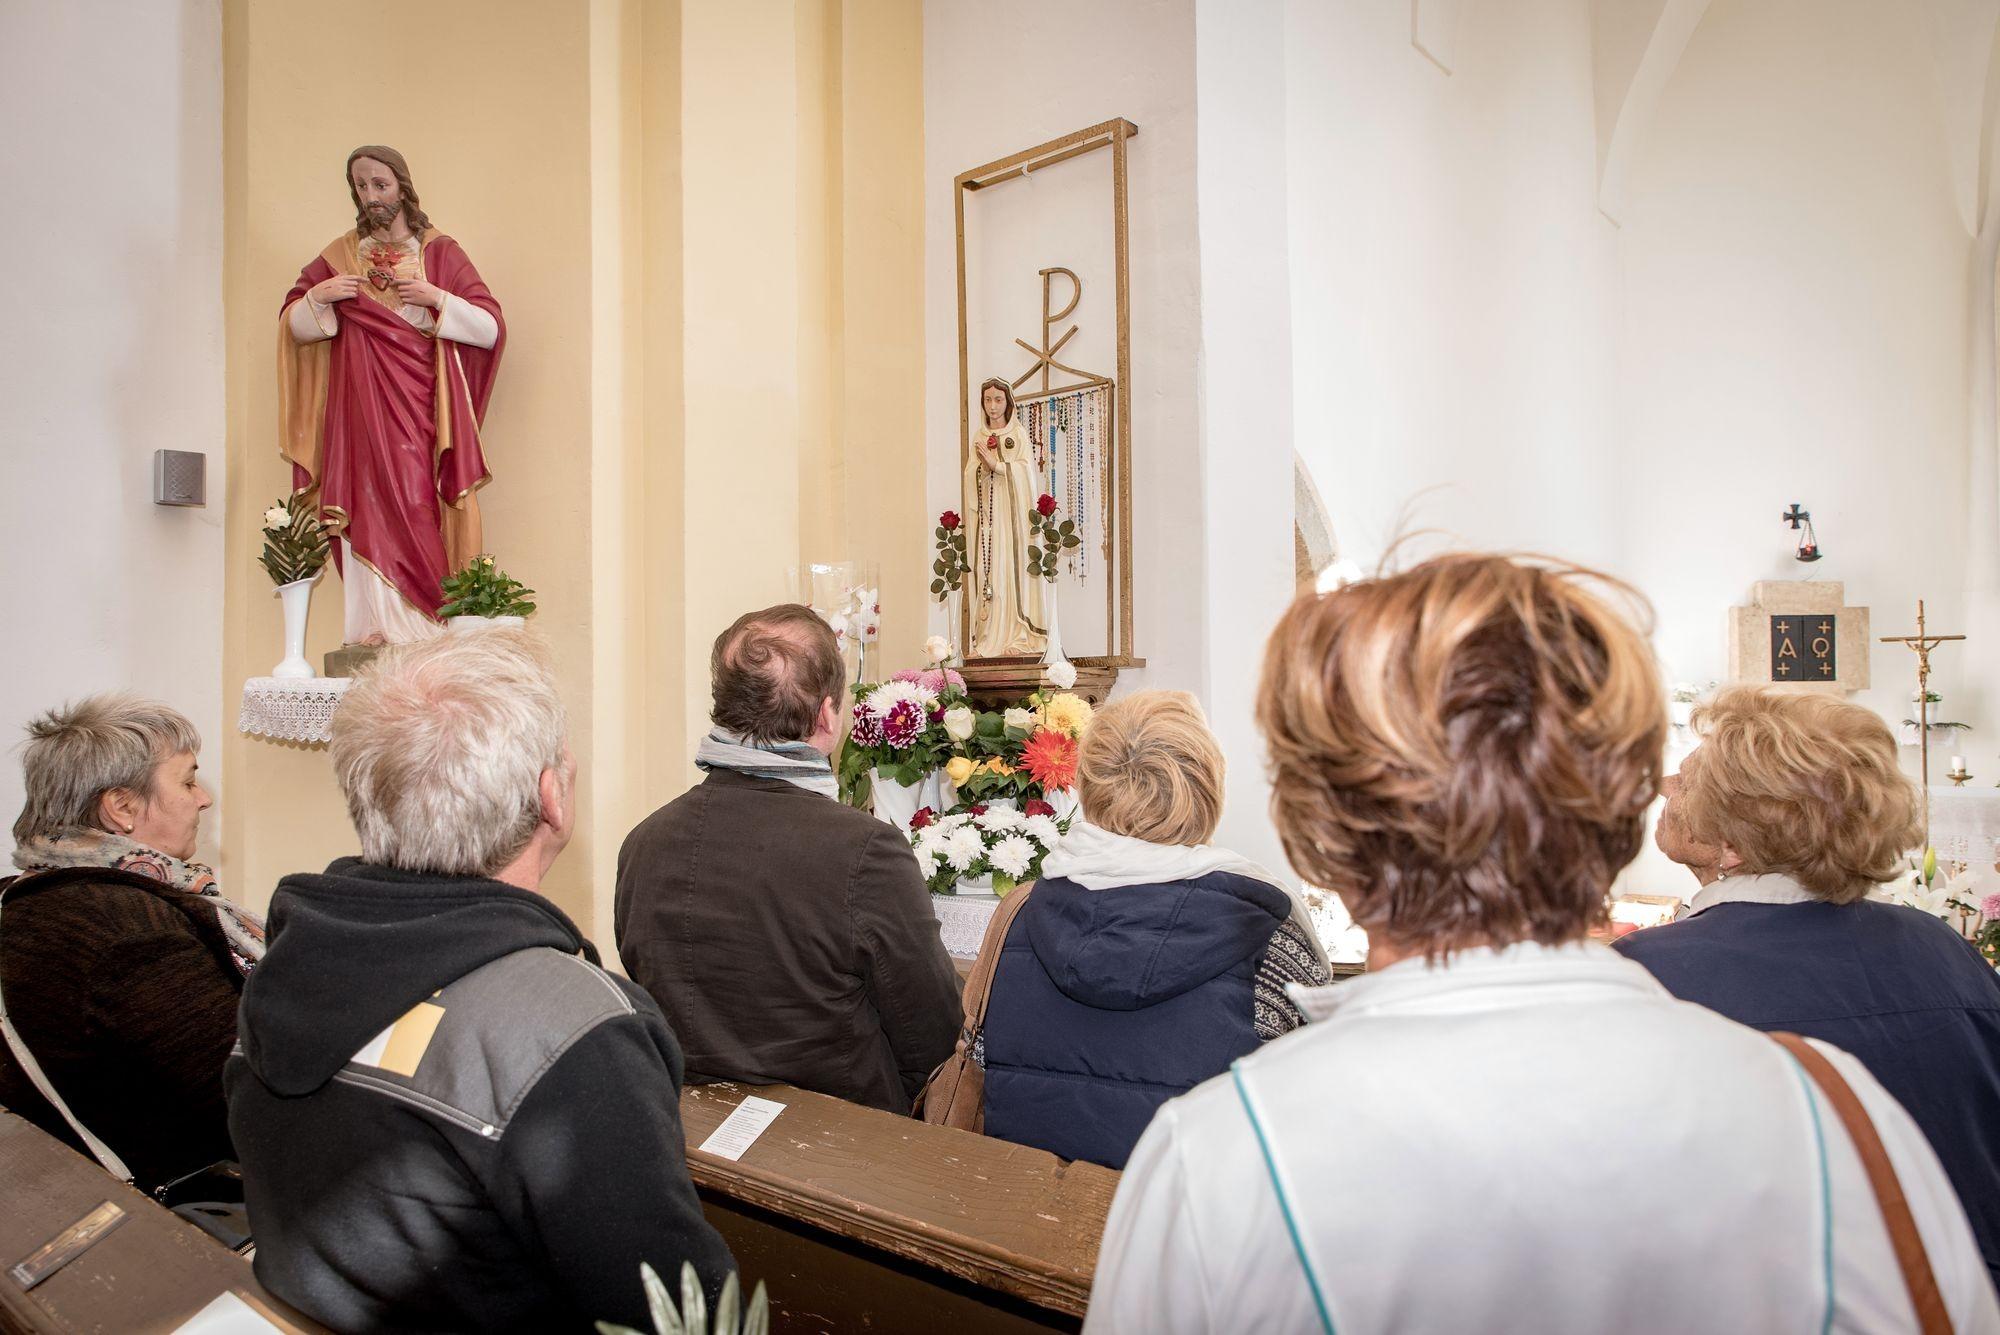 Ezért rohamozzák hónapok óta a nógrád megyei templomot